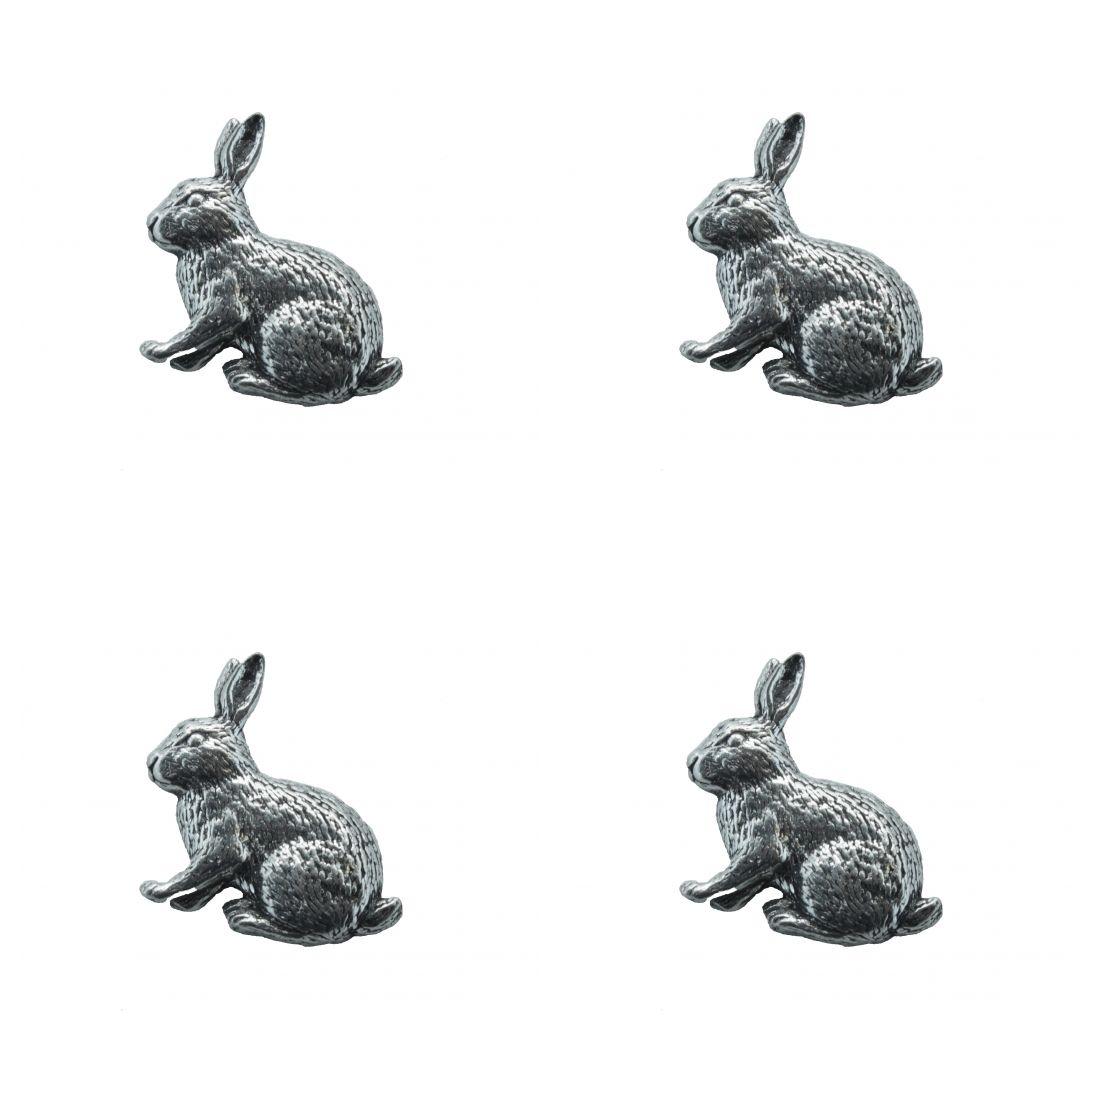 4x Pin Anstecker Badge Kaninchen, 2,4x2,9cm